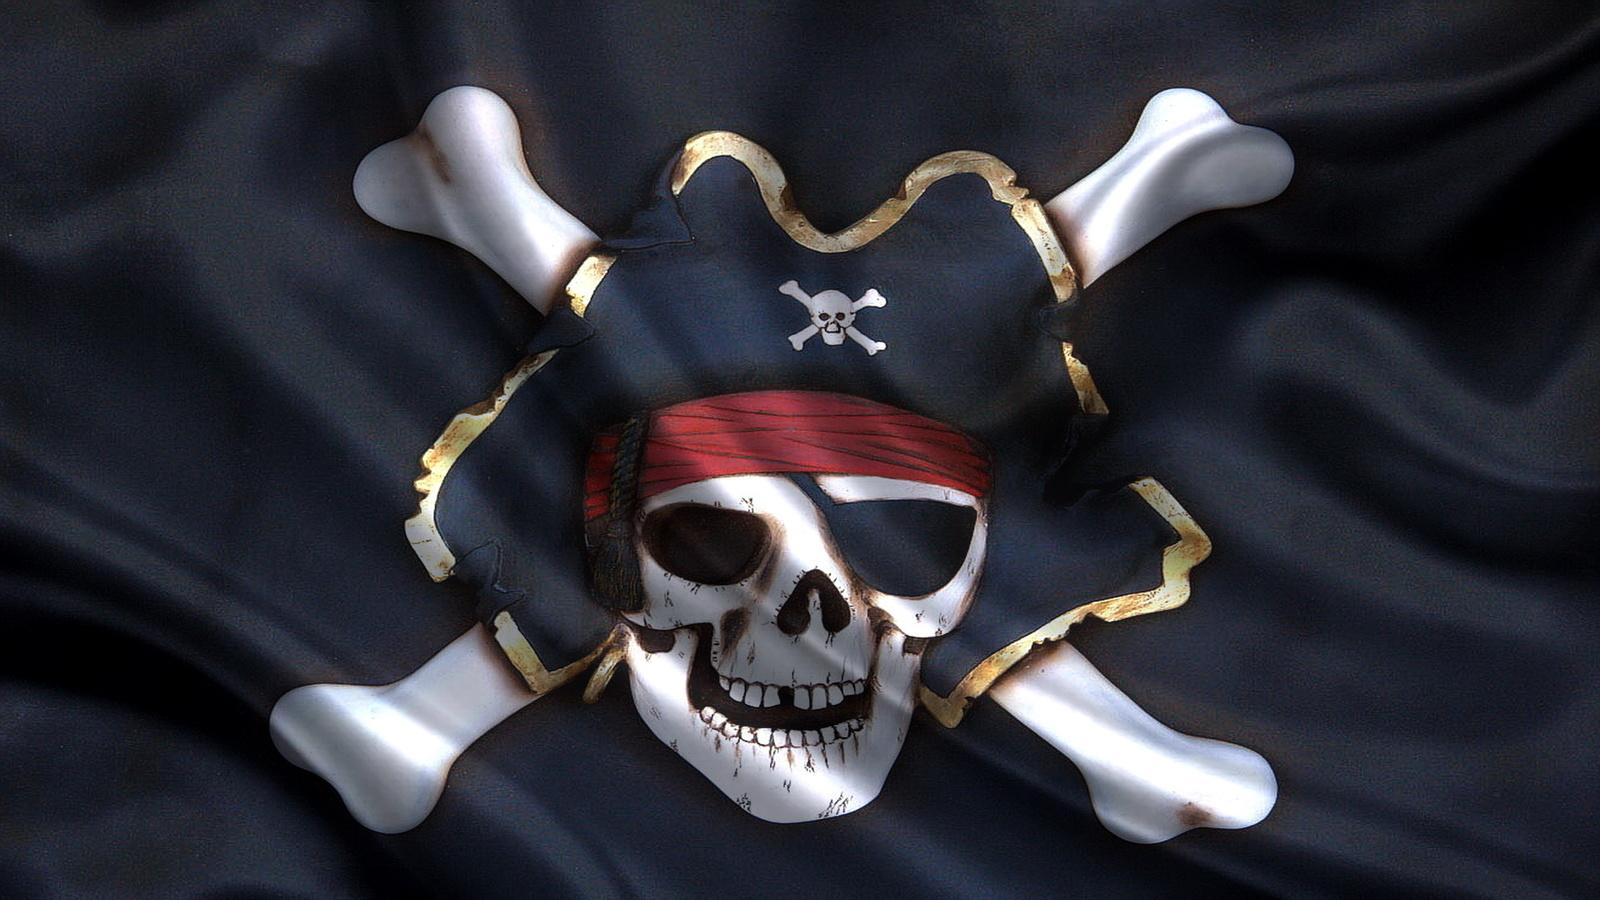 пират, пираты, пиратский, флаг, знамя, весёлый роджер